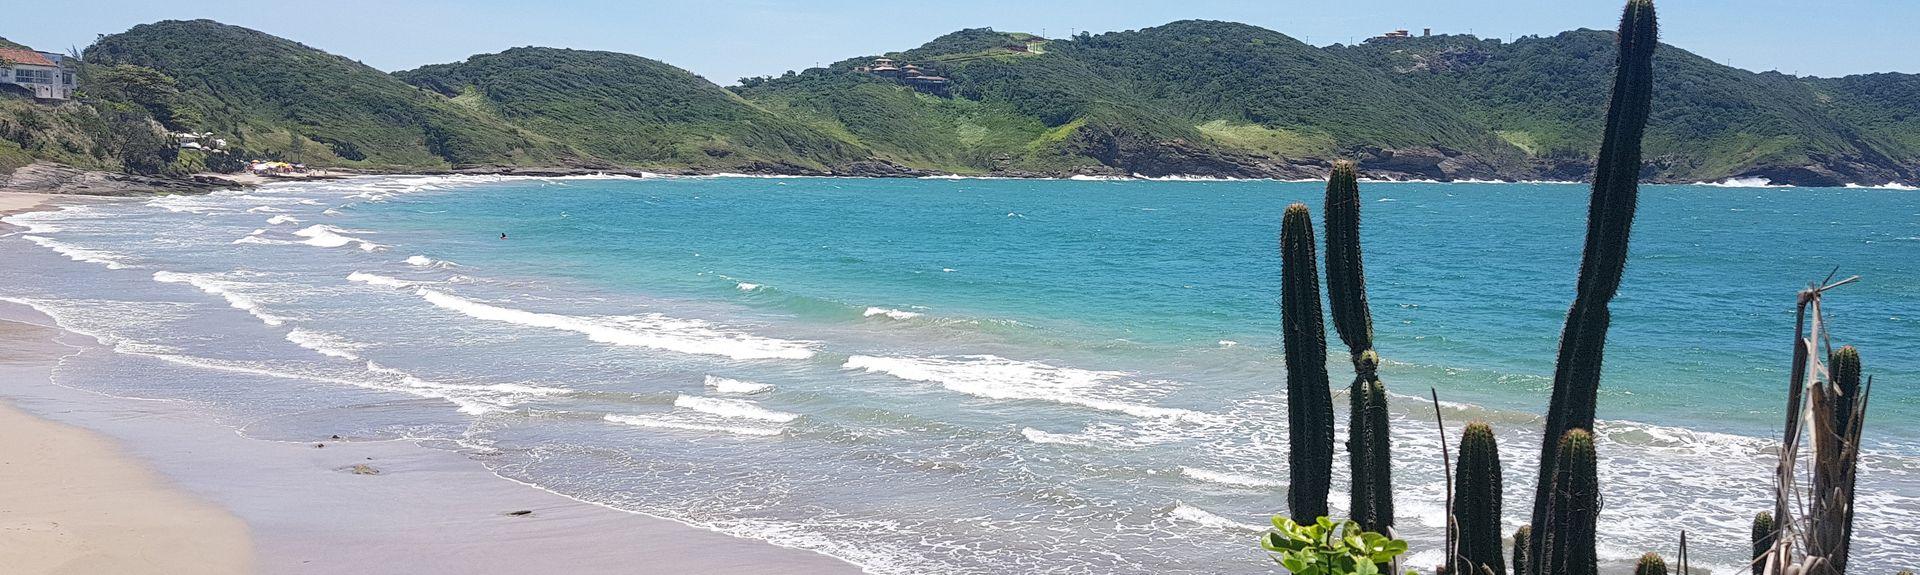 Praia Brava, Armação dos Búzios, Rio de Janeiro, Brazil